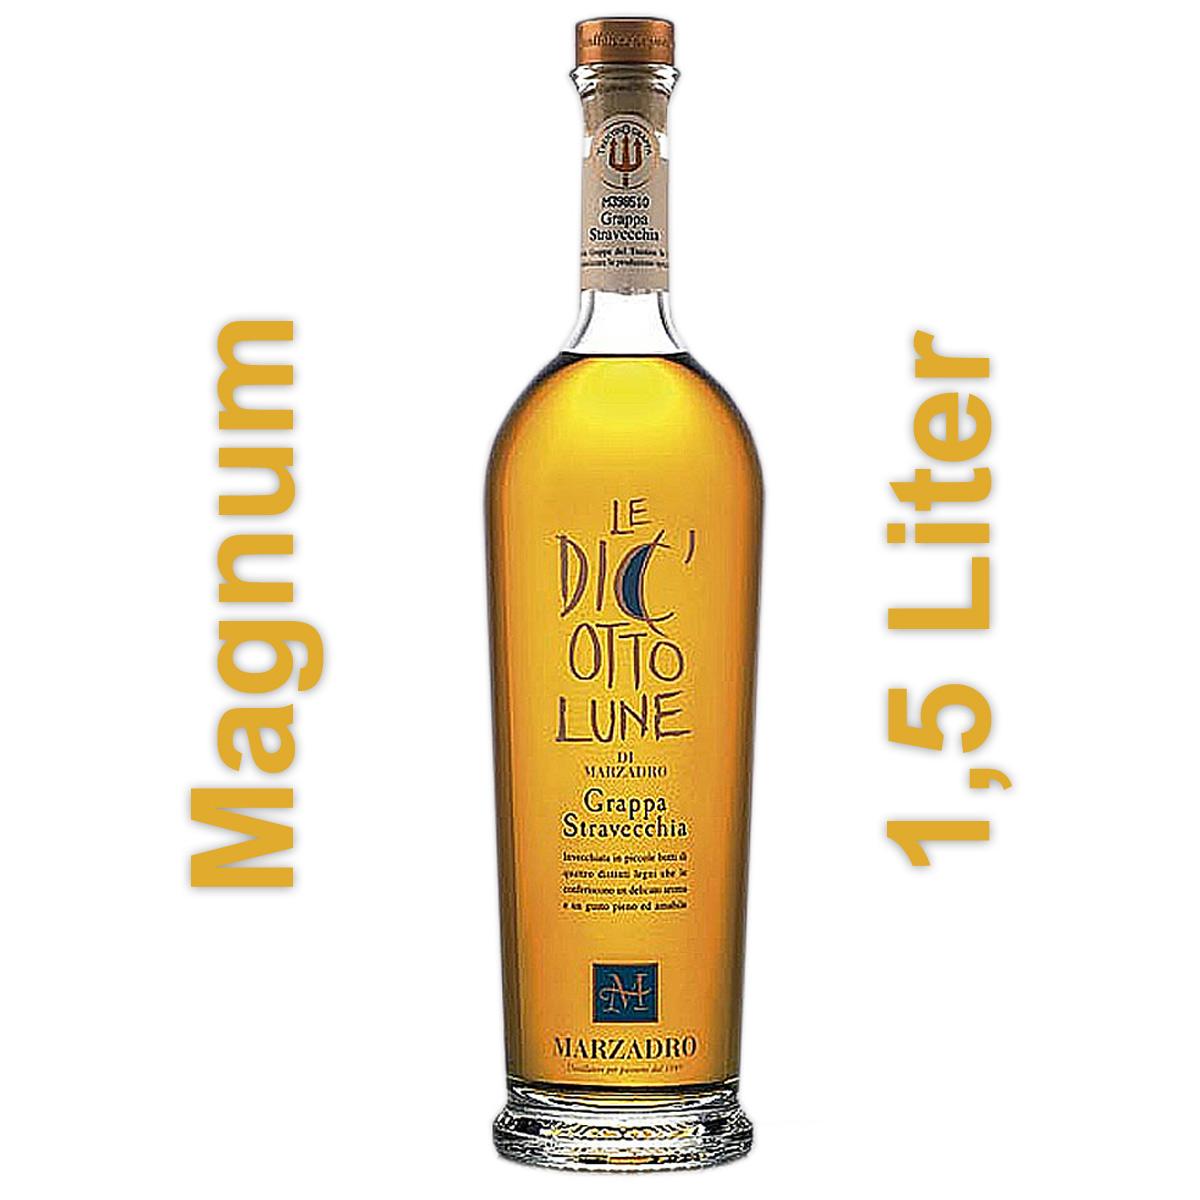 Marzadro Le Diciotto Lune Grappa Stravecchia (1,5 Liter Magnum-Flasche)